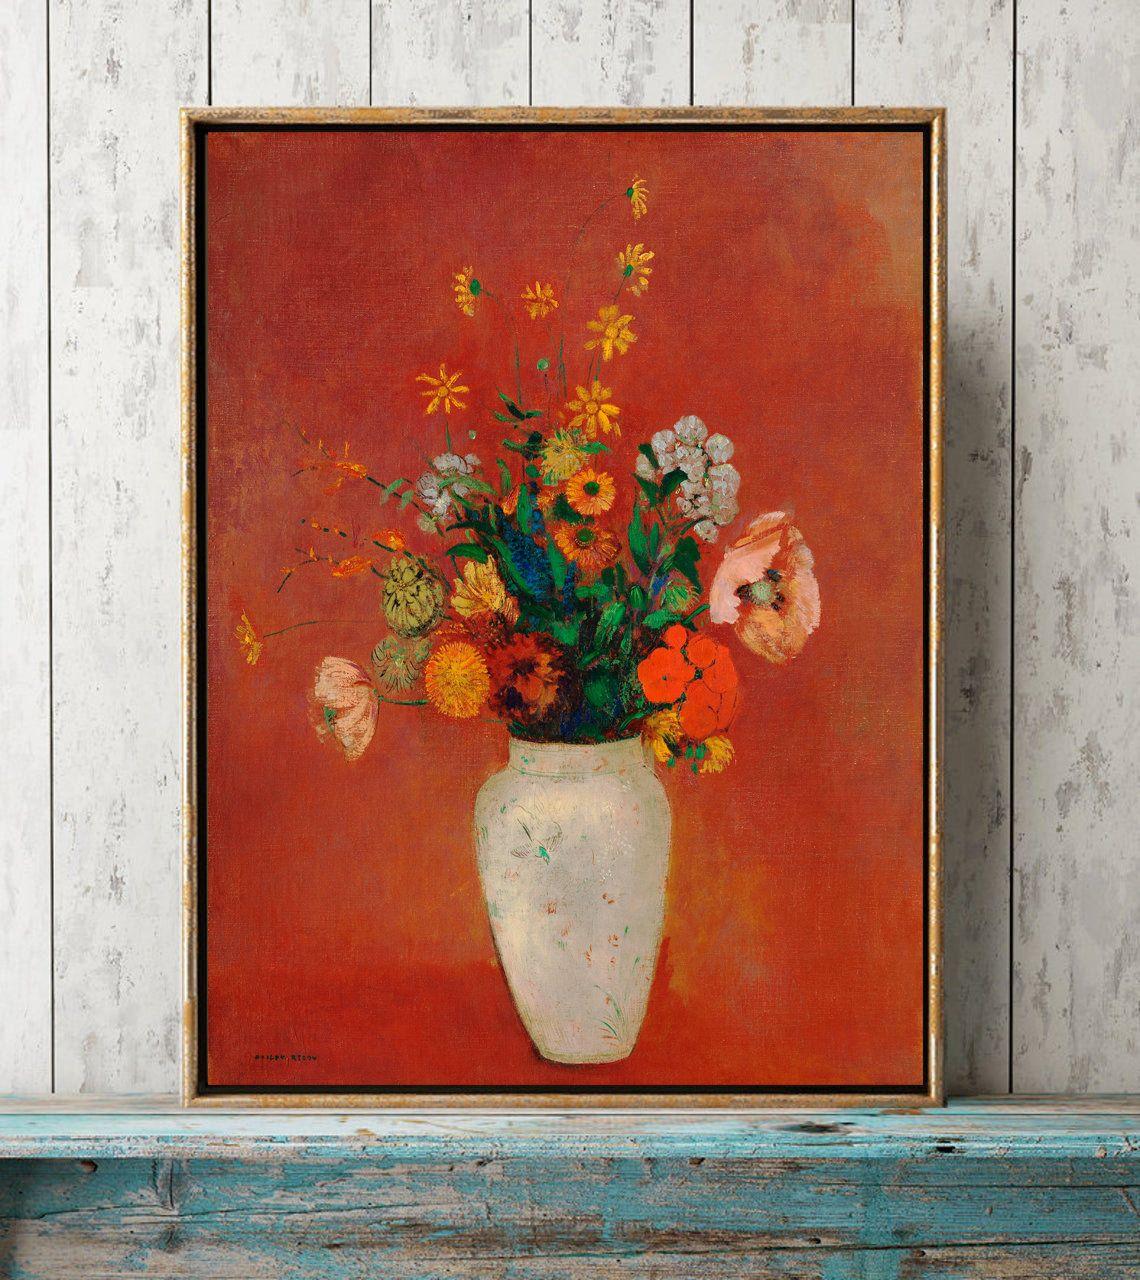 Flowers Odilon Redon Art Print Framed Poster Wall Decor